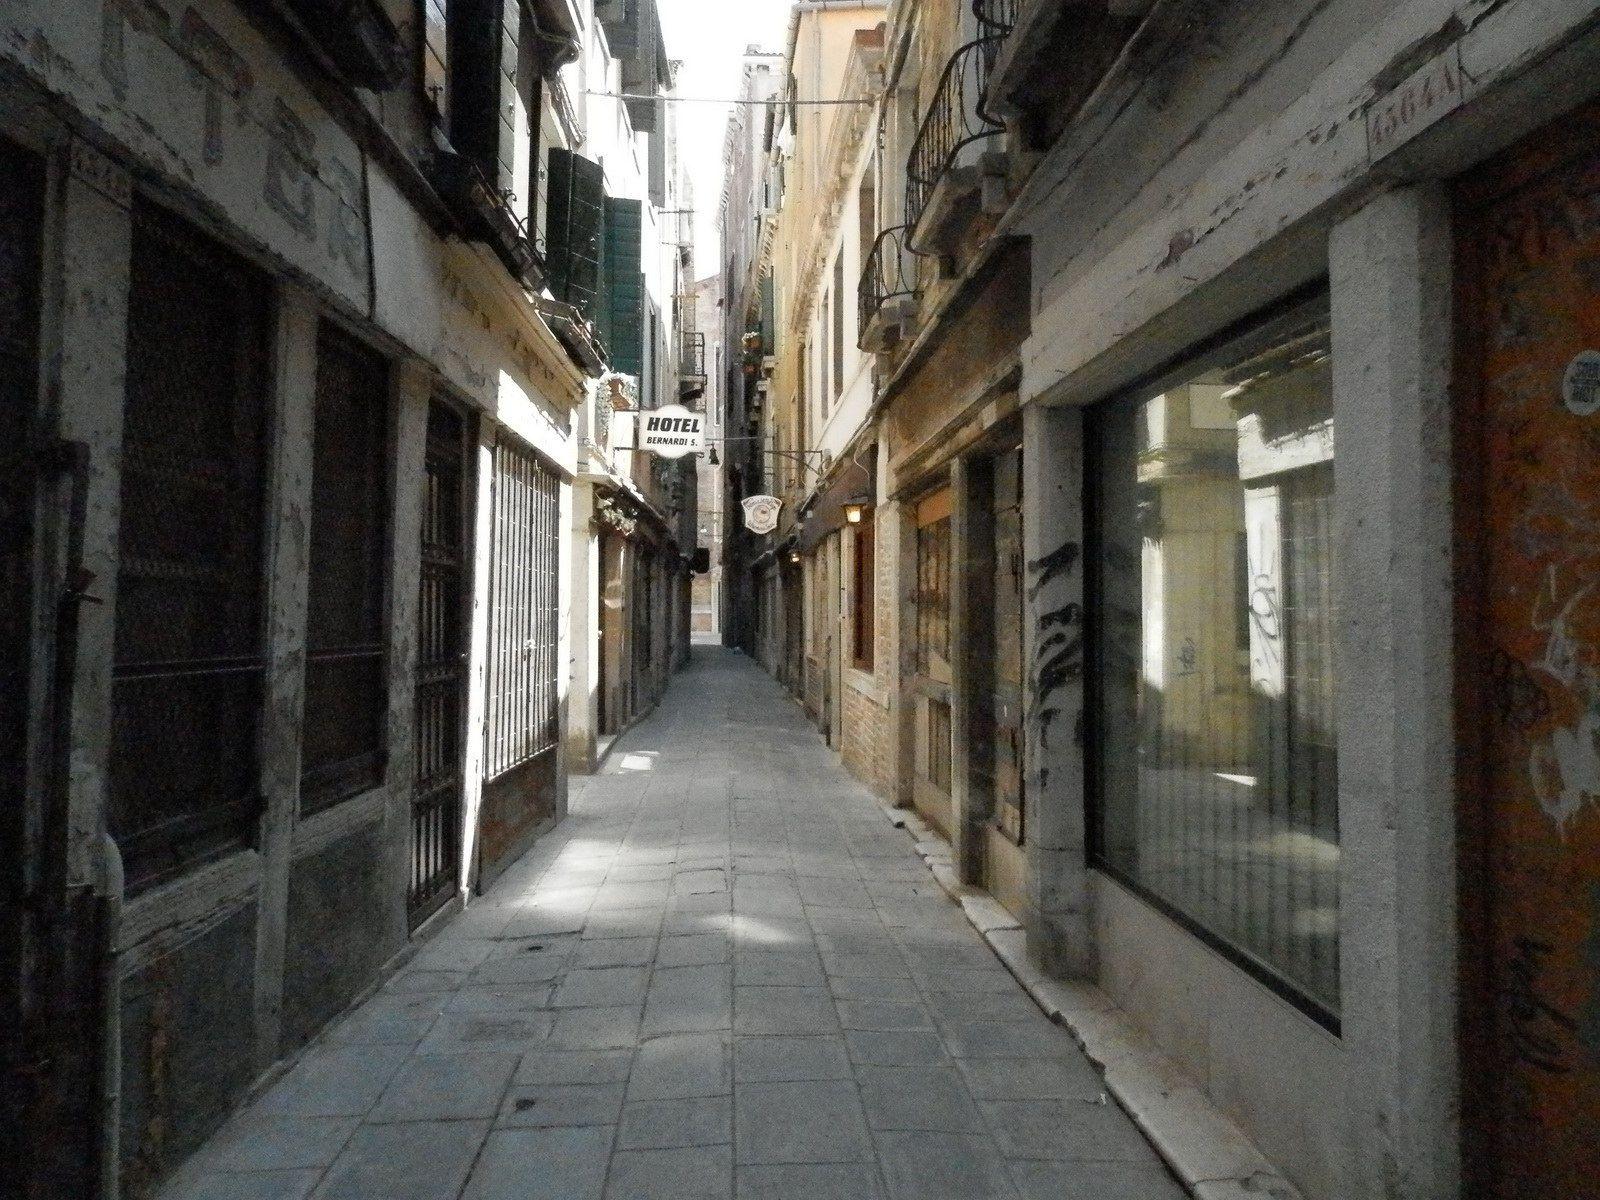 Calle dell'oca